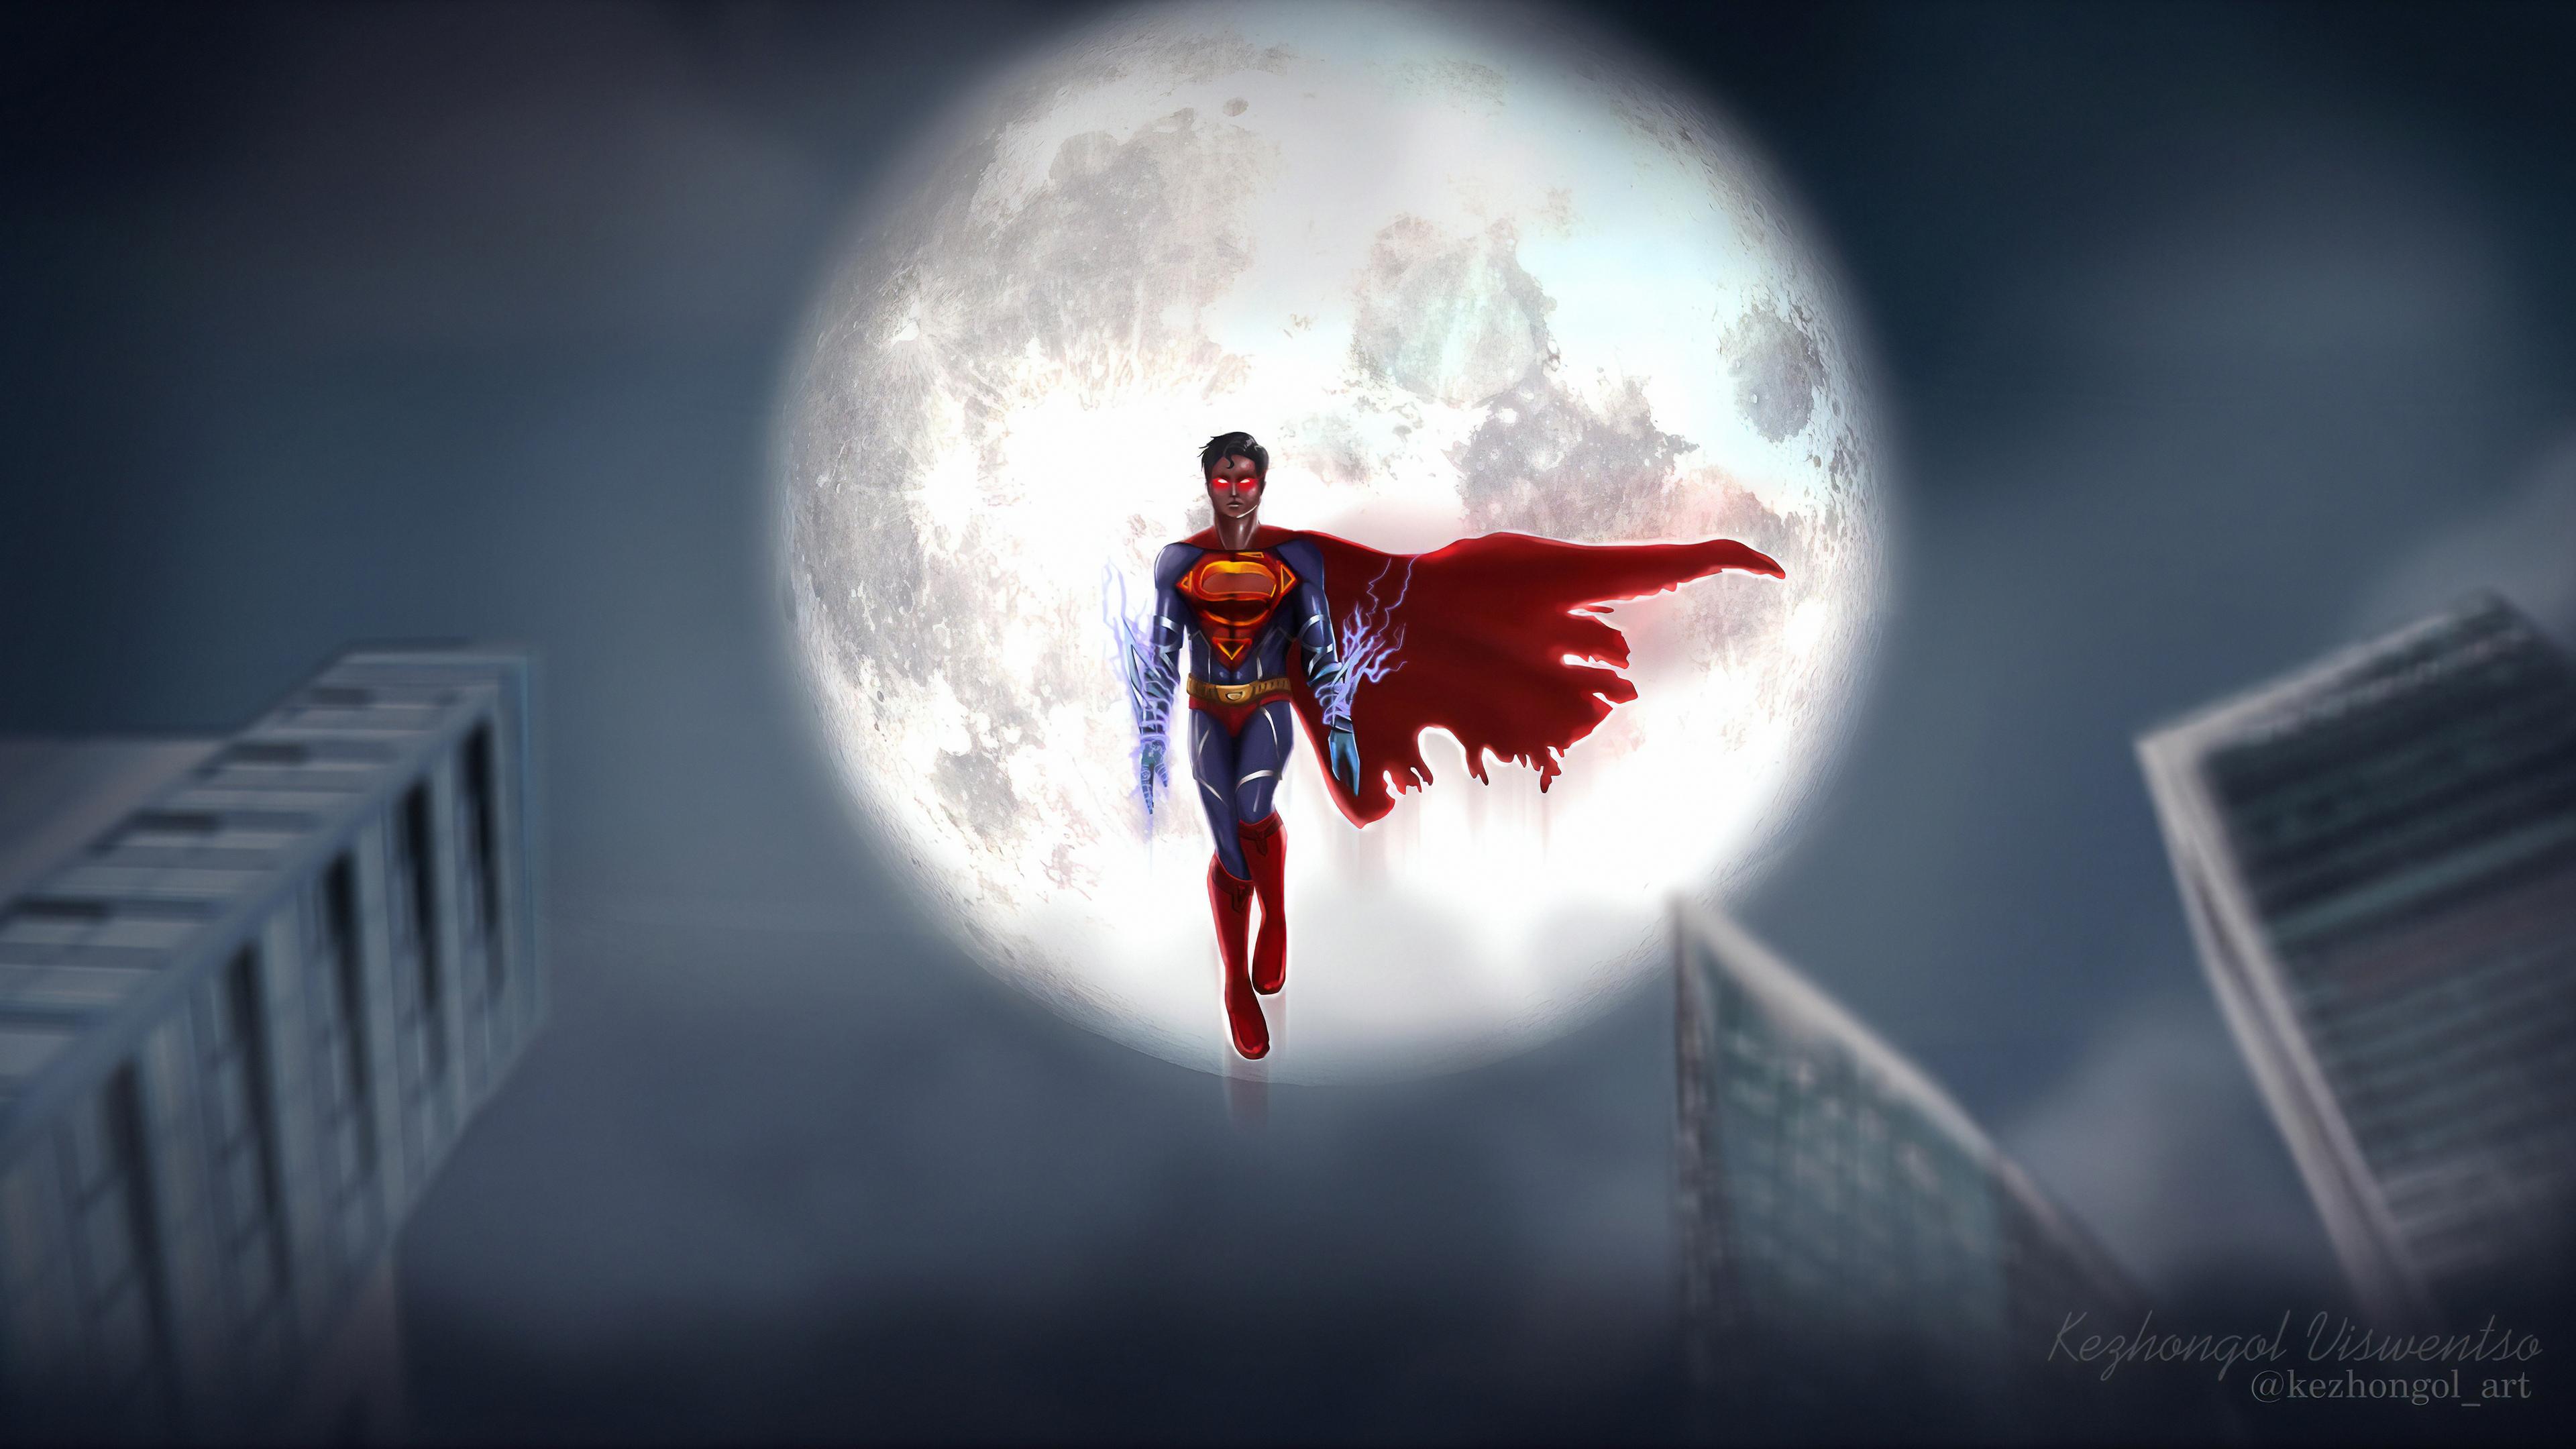 Superman Flying 4k, HD Superheroes, 4k Wallpapers, Images ...